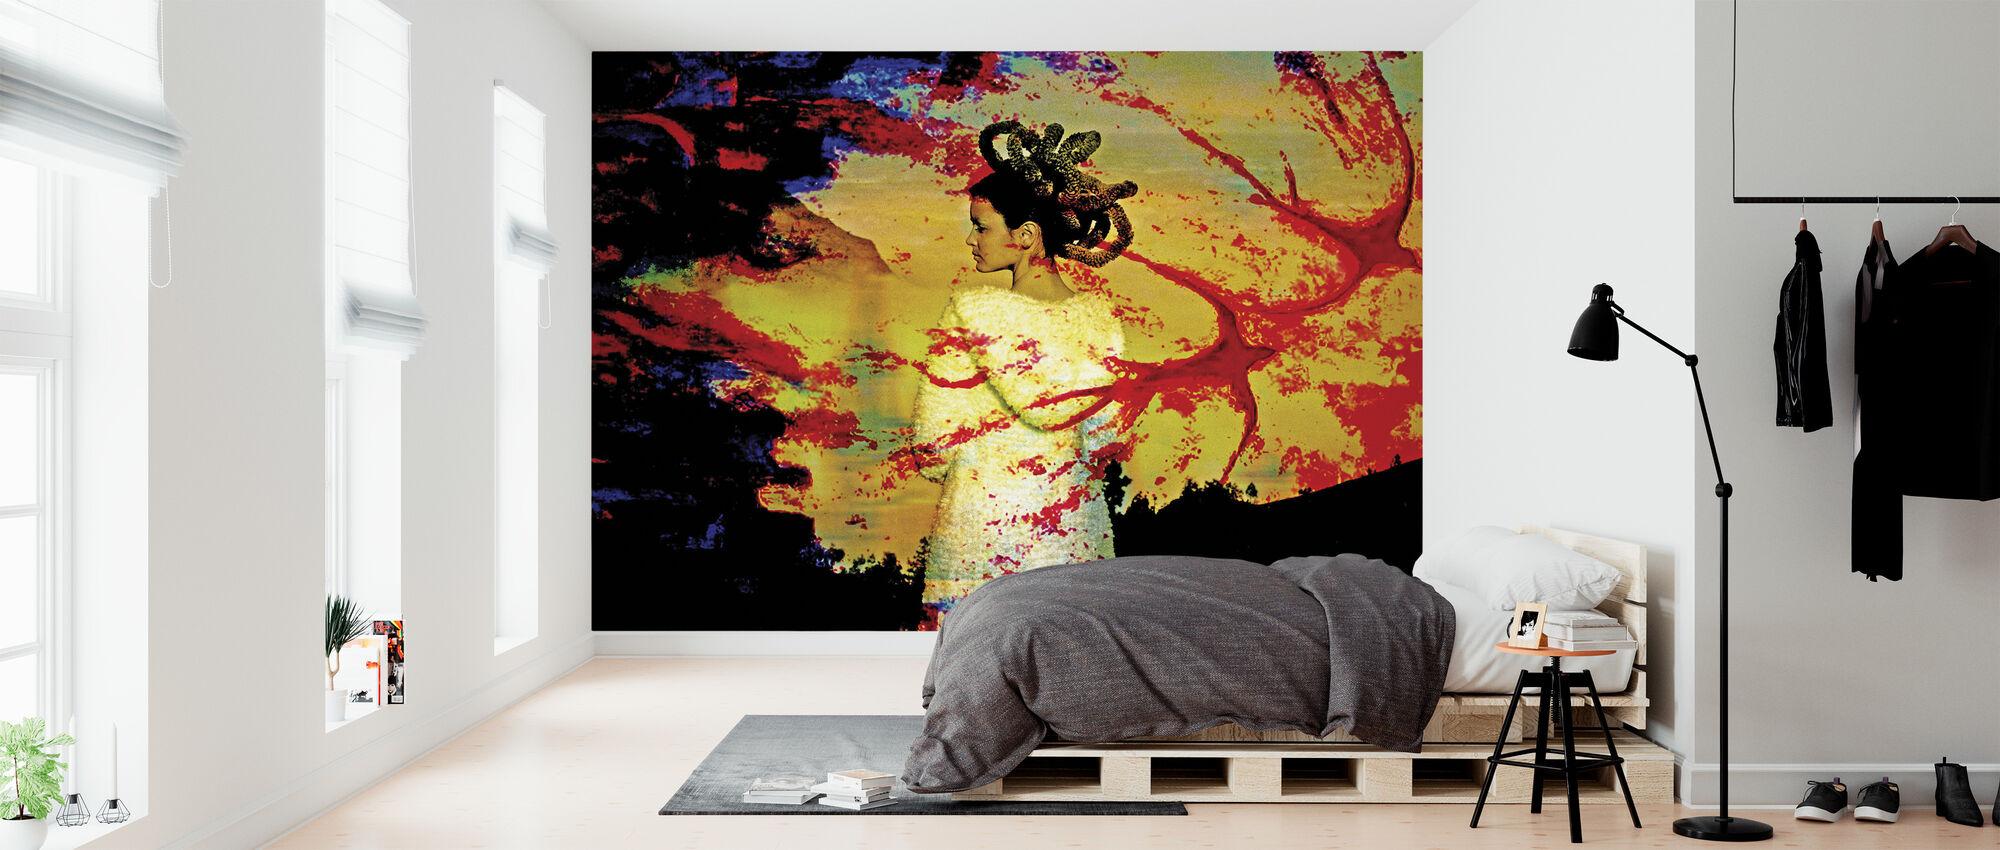 Red Bird - Wallpaper - Bedroom